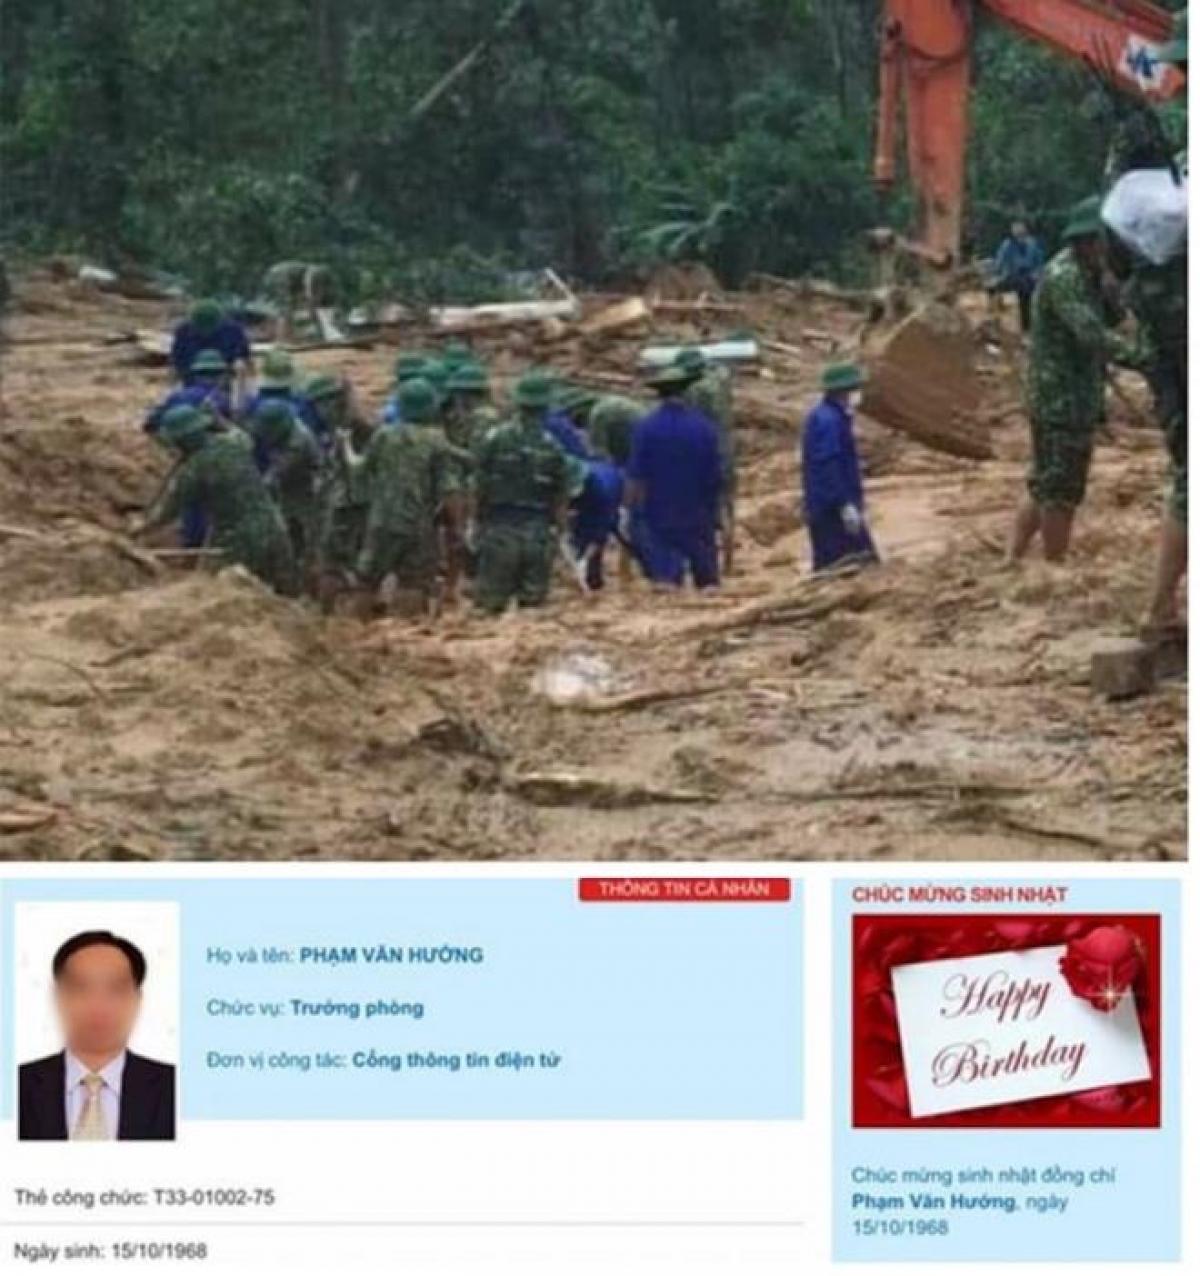 Vụ sạt lở núi ở Trạm quản lý, bảo vệ rừng 67 đã vĩnh viễn cướp đi sinh mạng 13 cán bộ chiến sỹ trong đoàn đi cứu nạn.